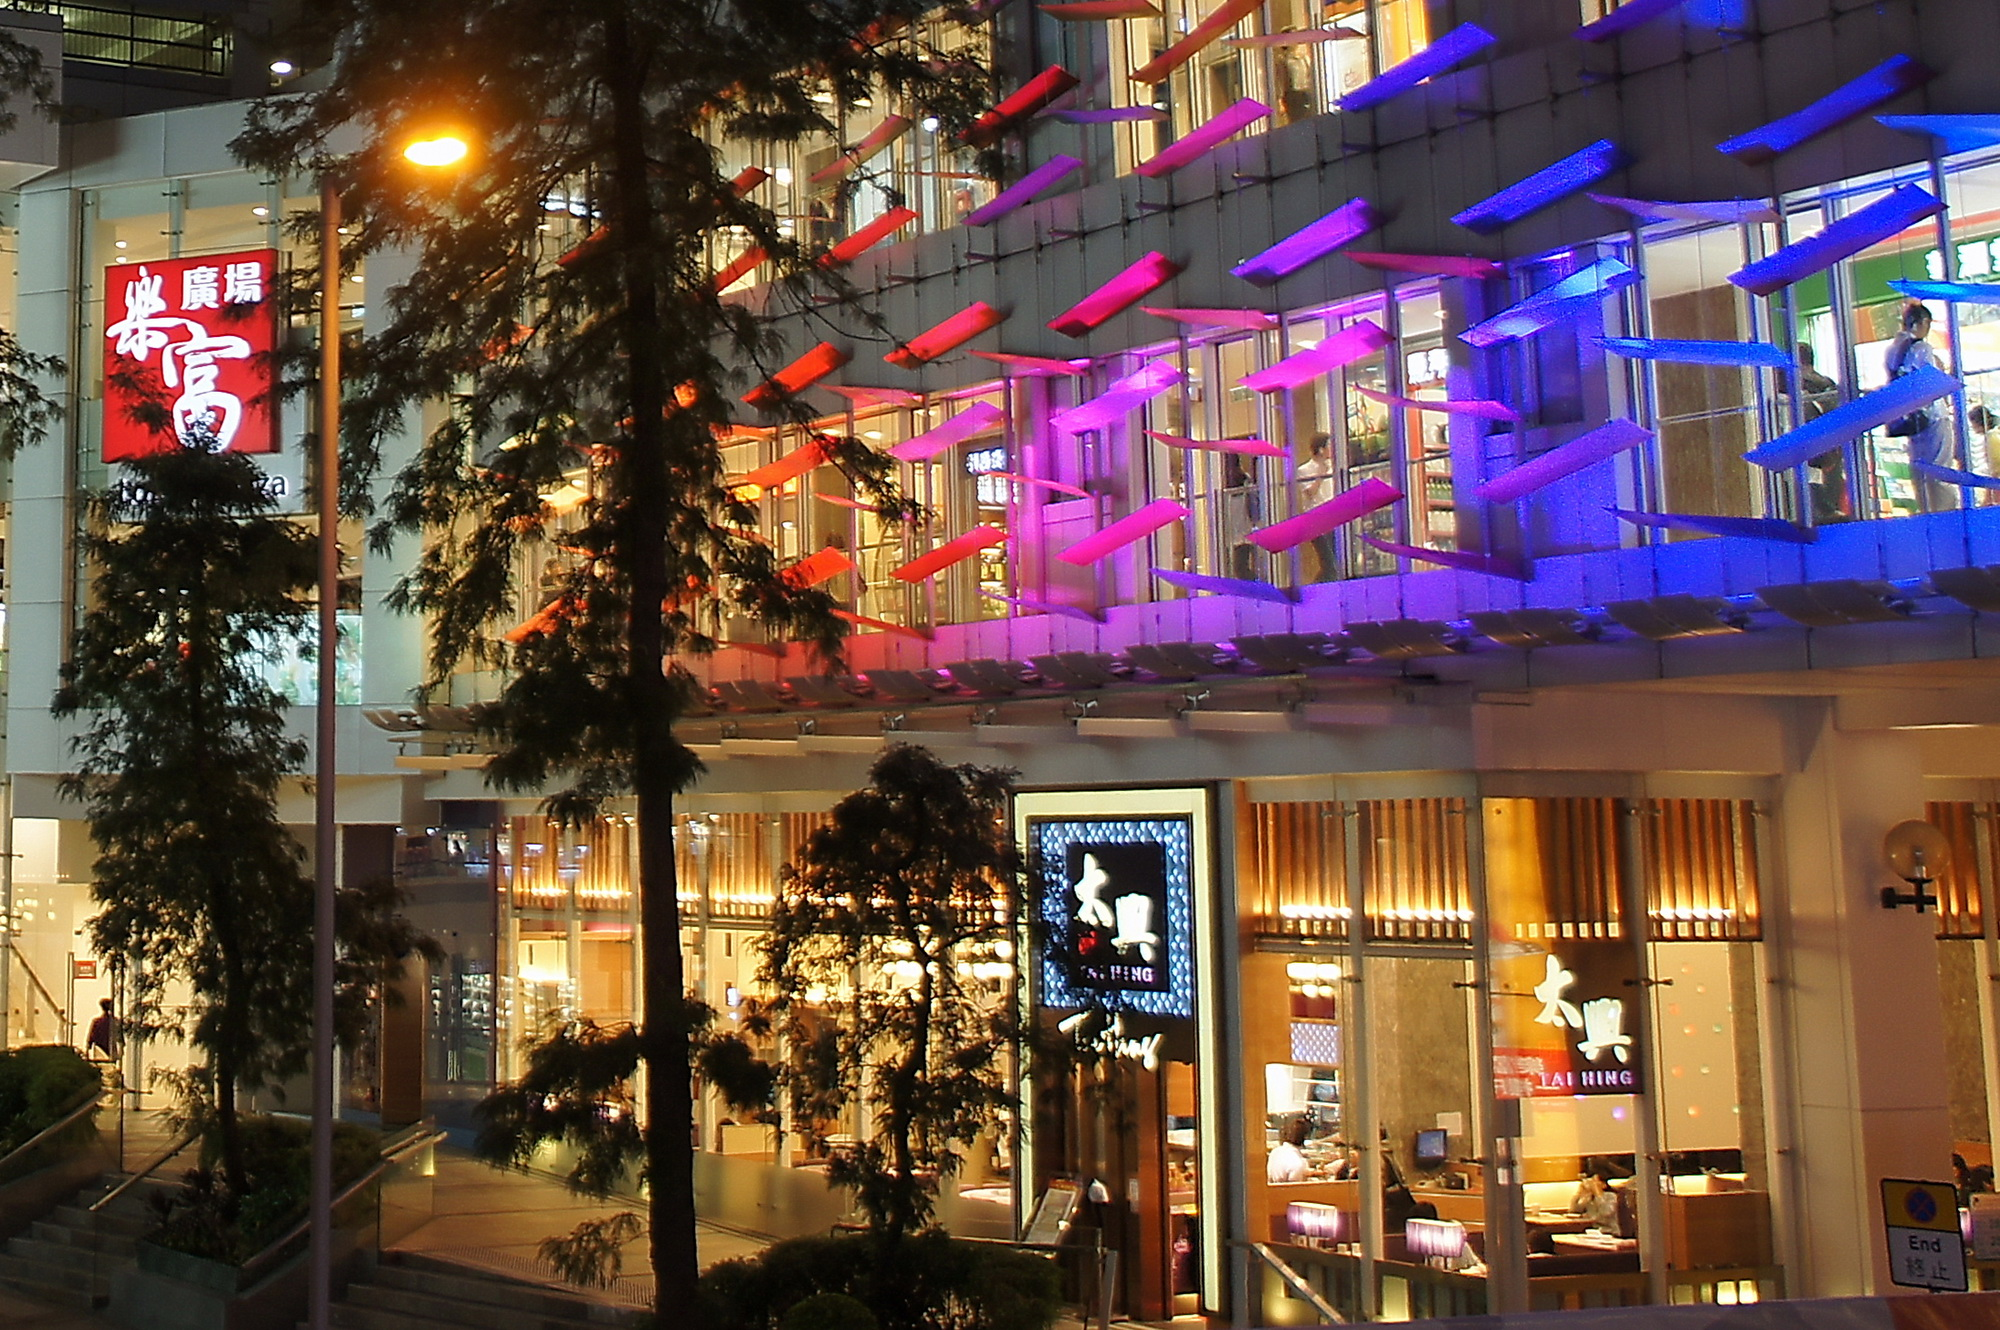 Thai Square Restaurant Covent Garden